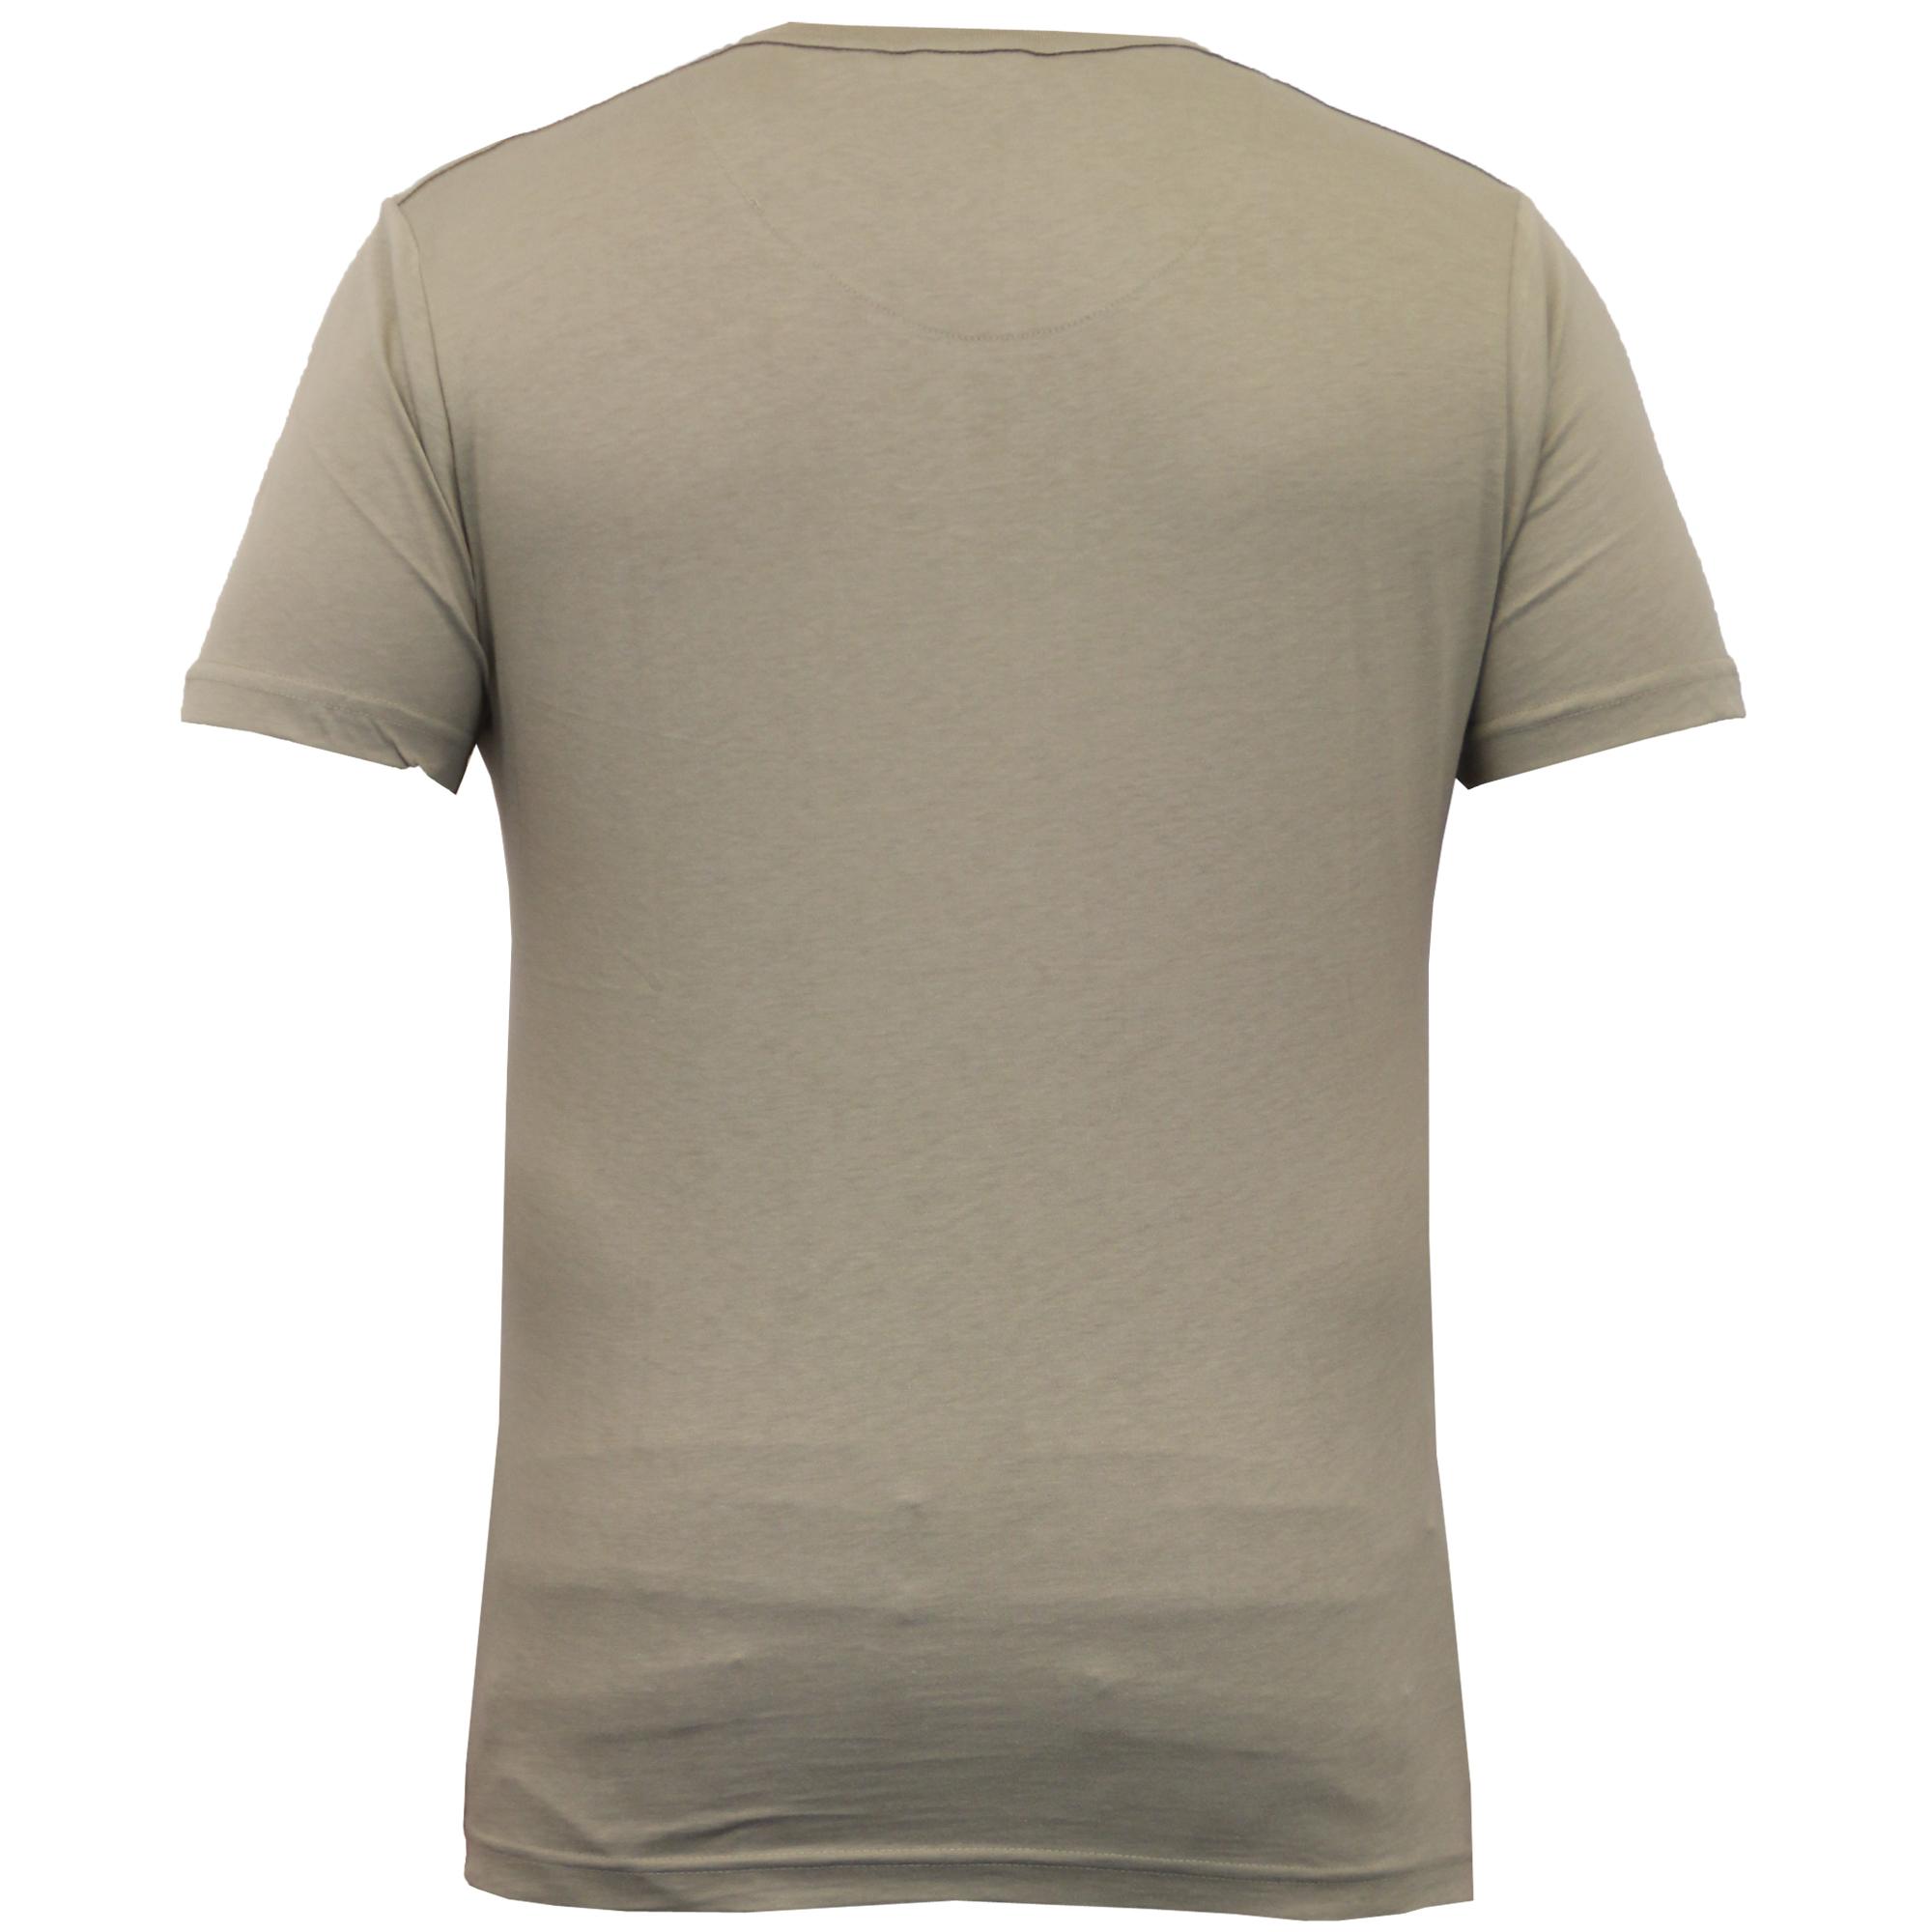 Cuello redondo para hombre Manga Corta Crosshatch Grassmere Top Camiseta informal de algodón